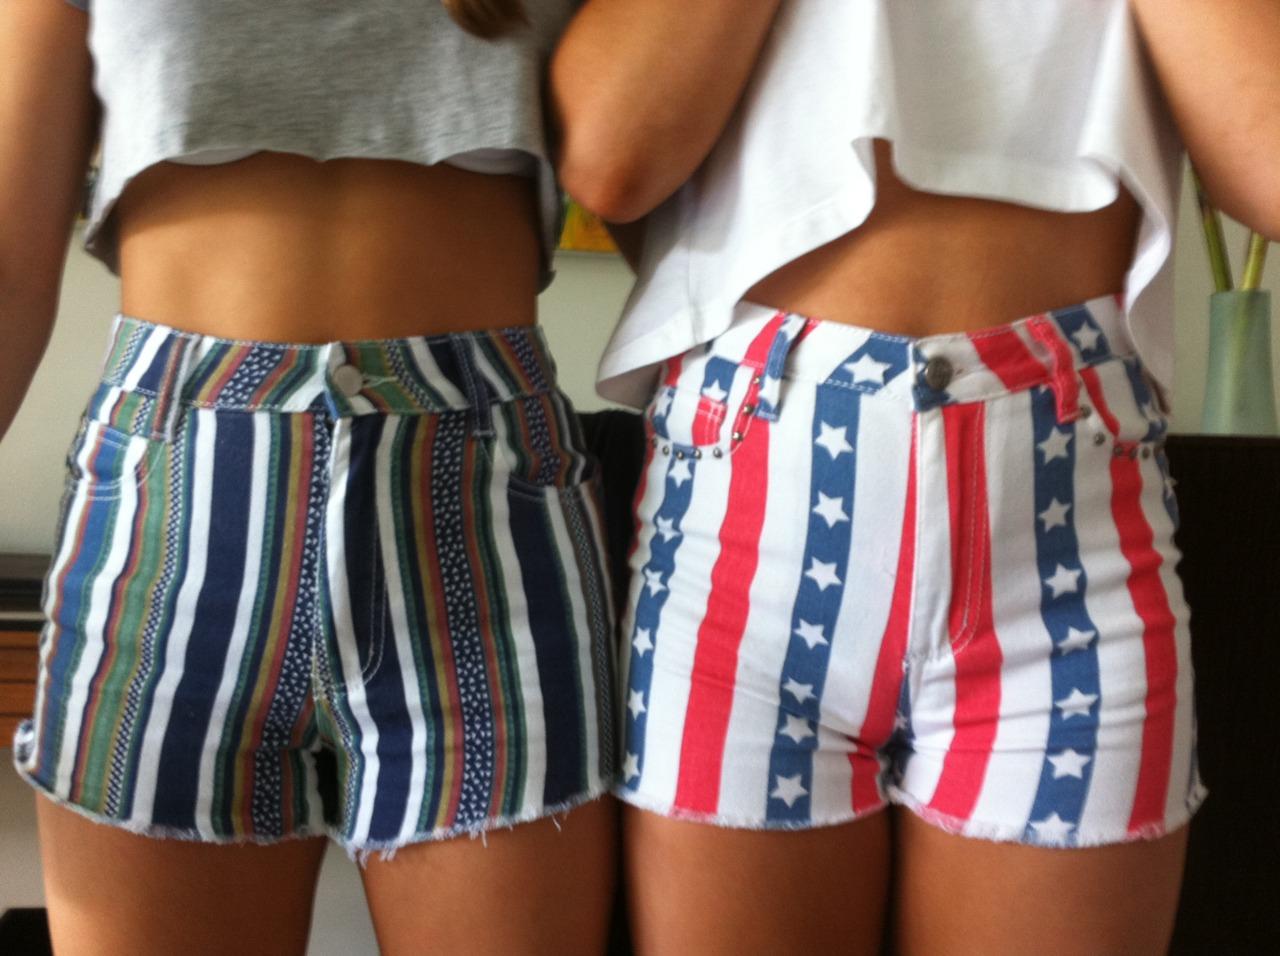 ¿Te puede multar la DGT por llevar shorts demasiado cortos?